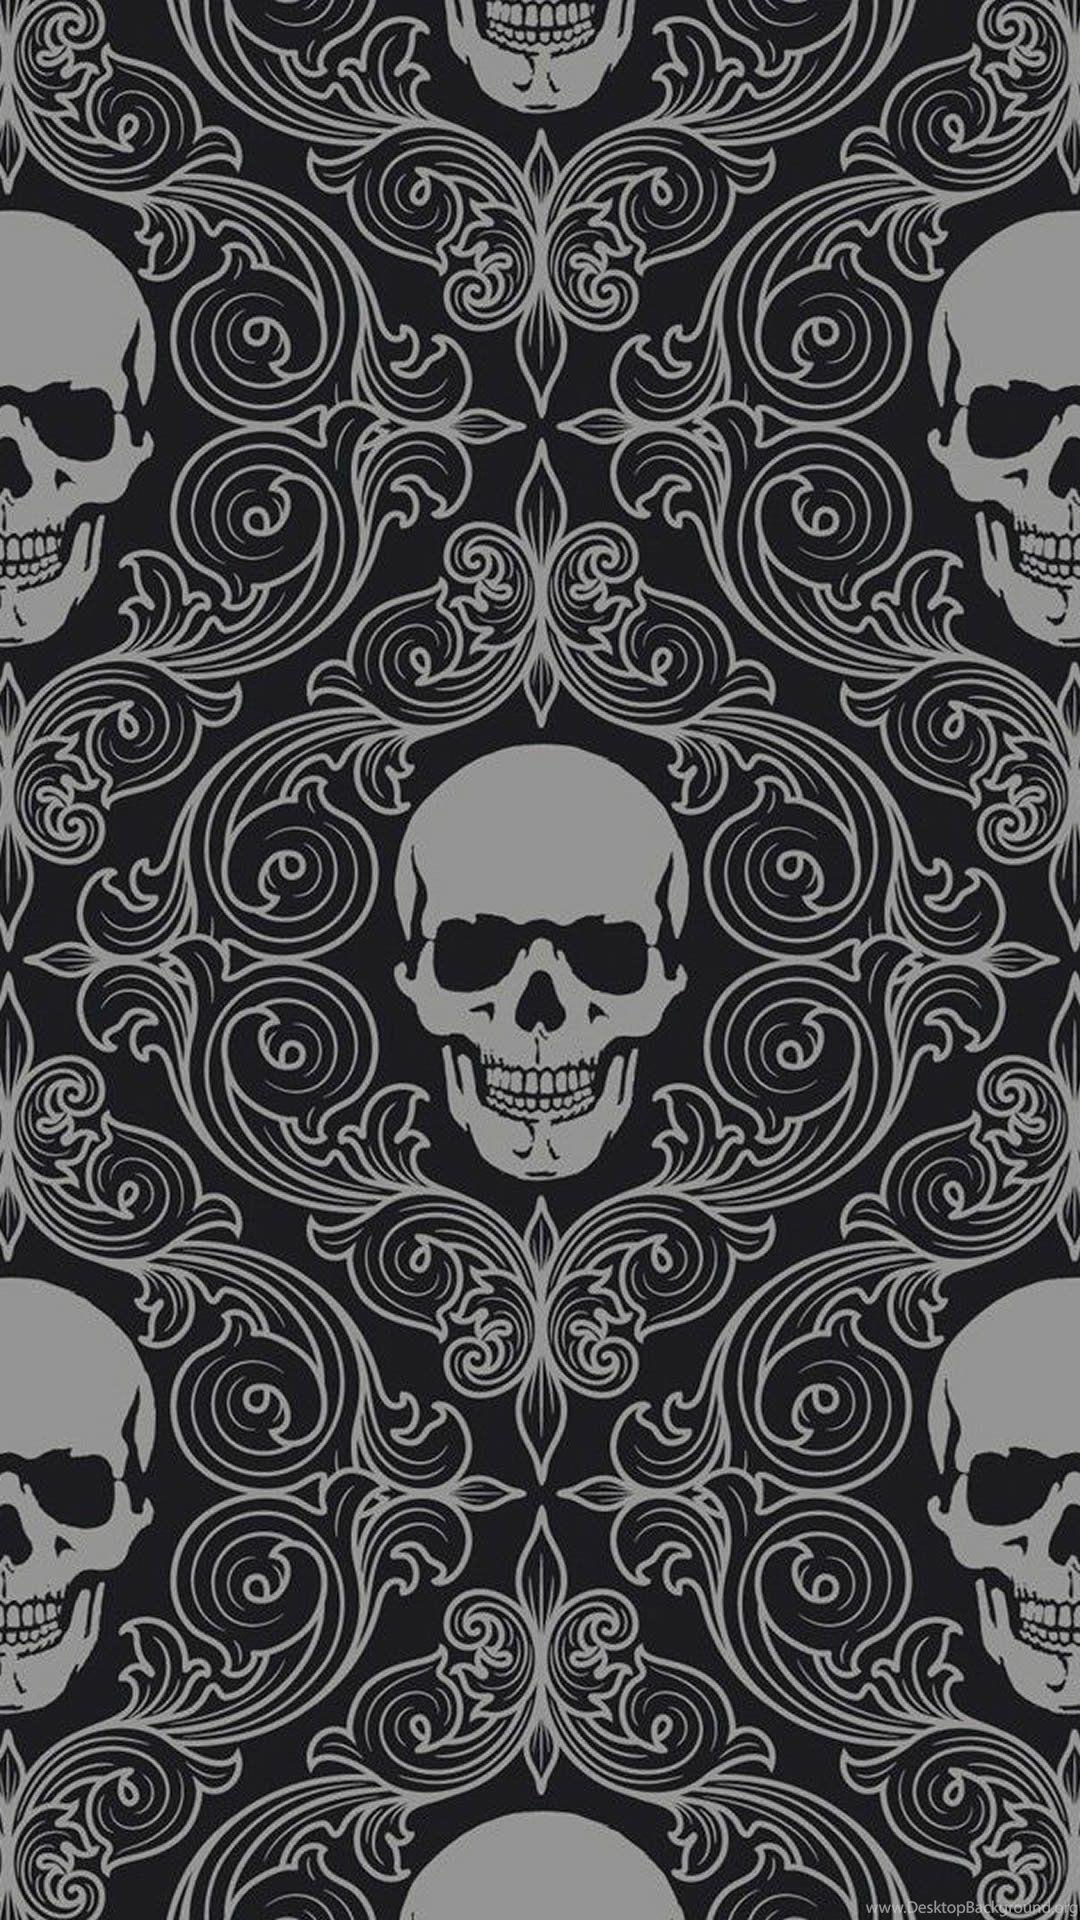 Cool Skull samsung wallpaper